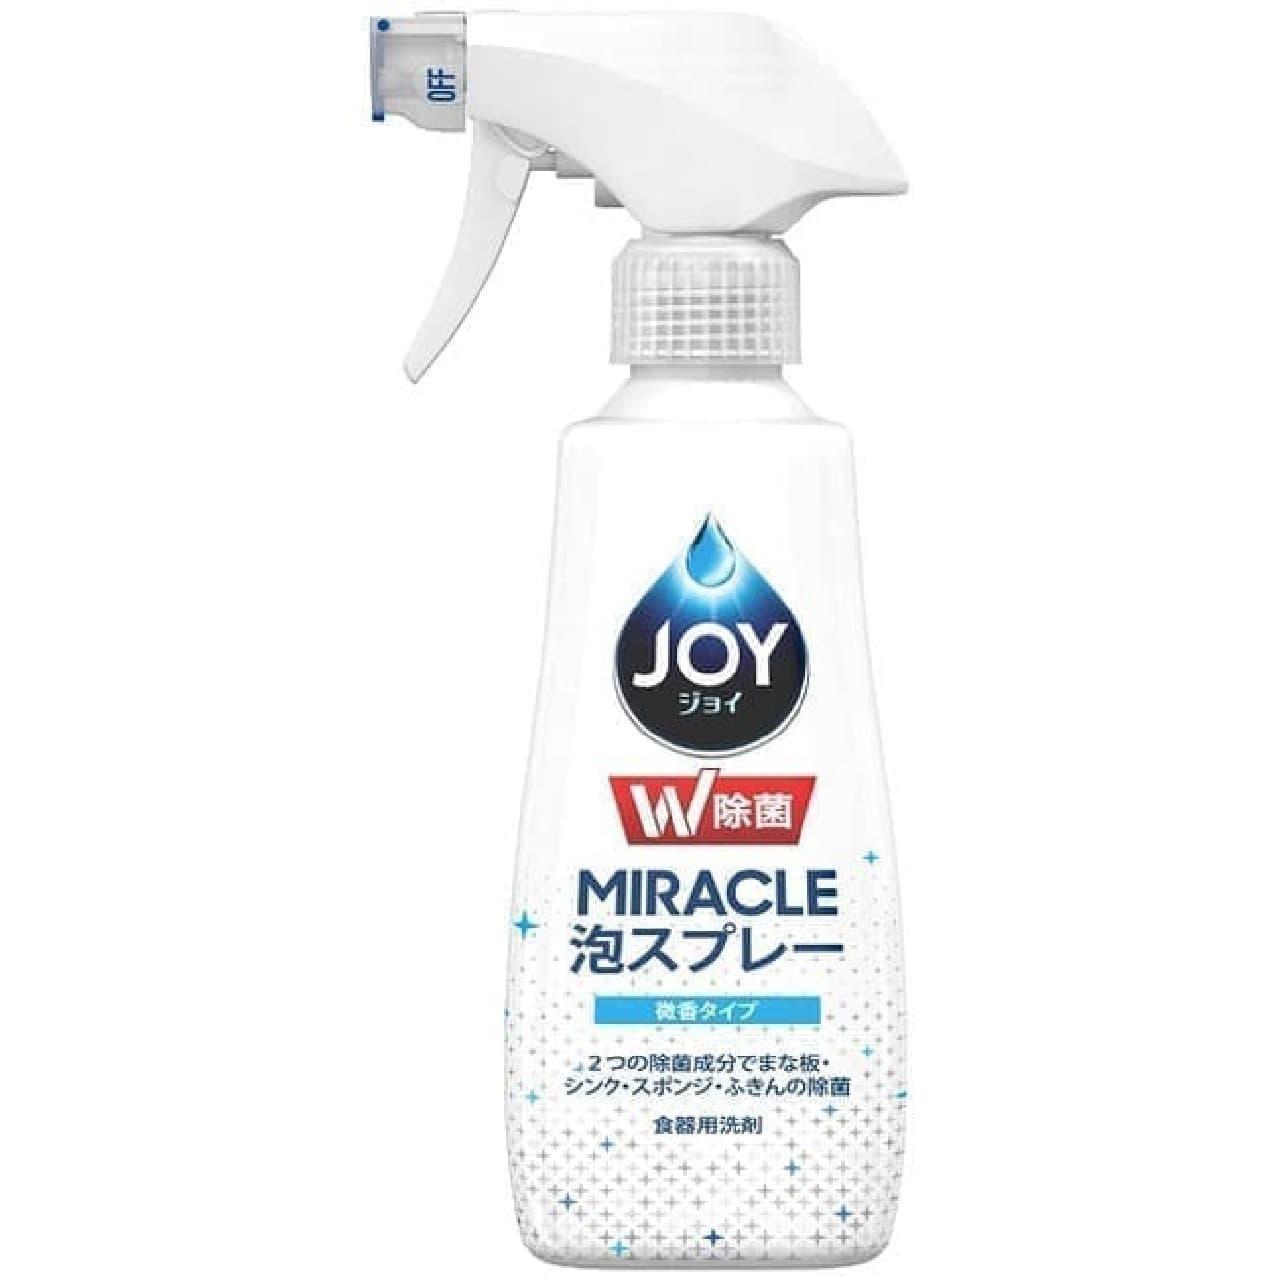 ジョイ W除菌 ミラクル泡スプレー